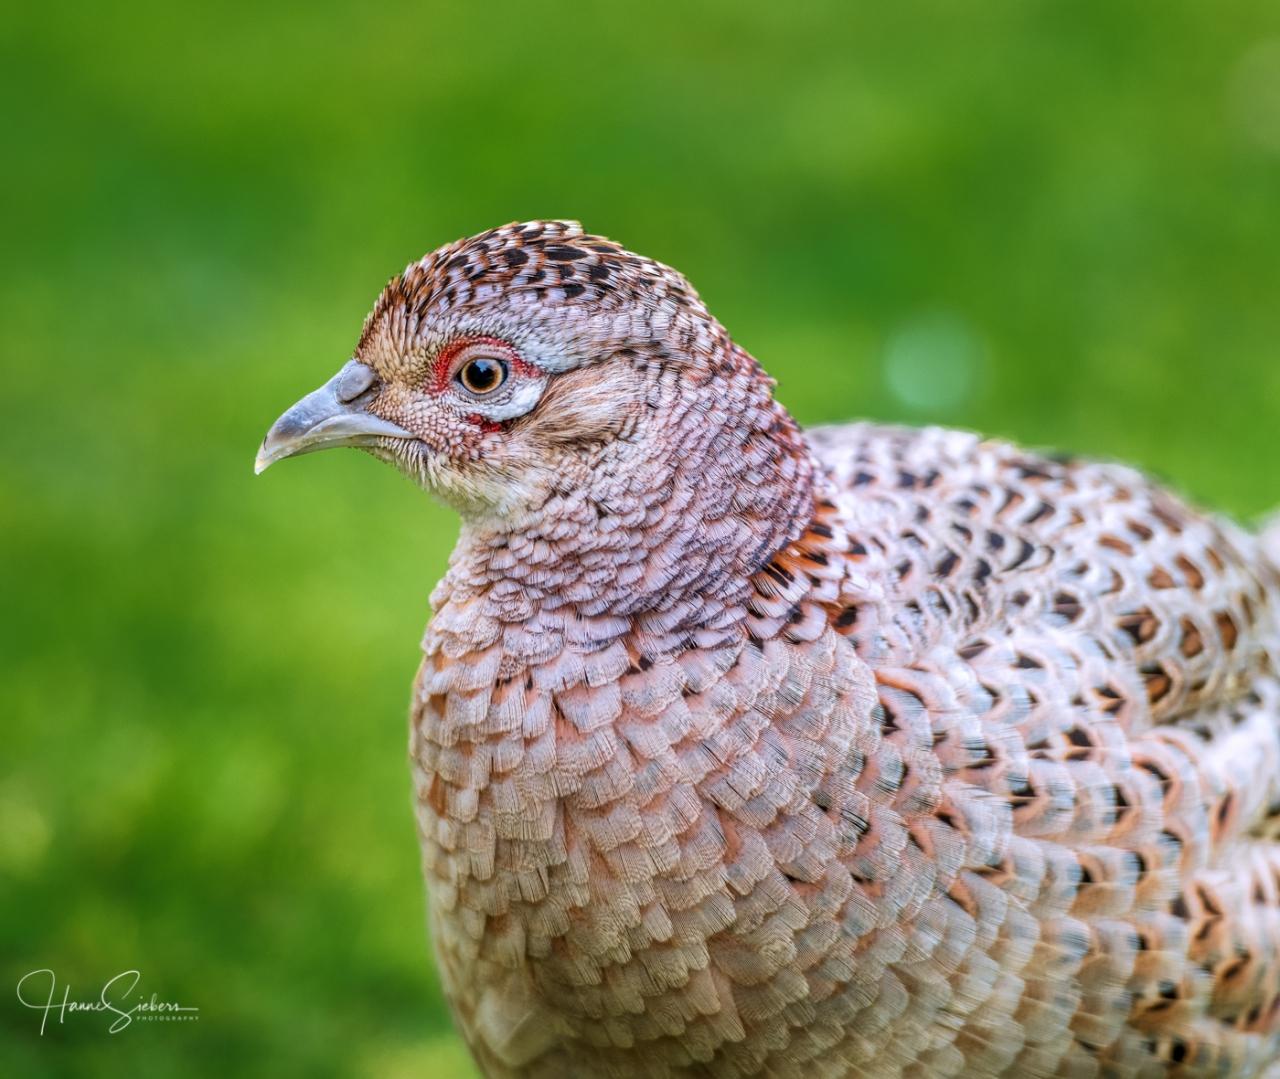 Female hen in our garden 2019